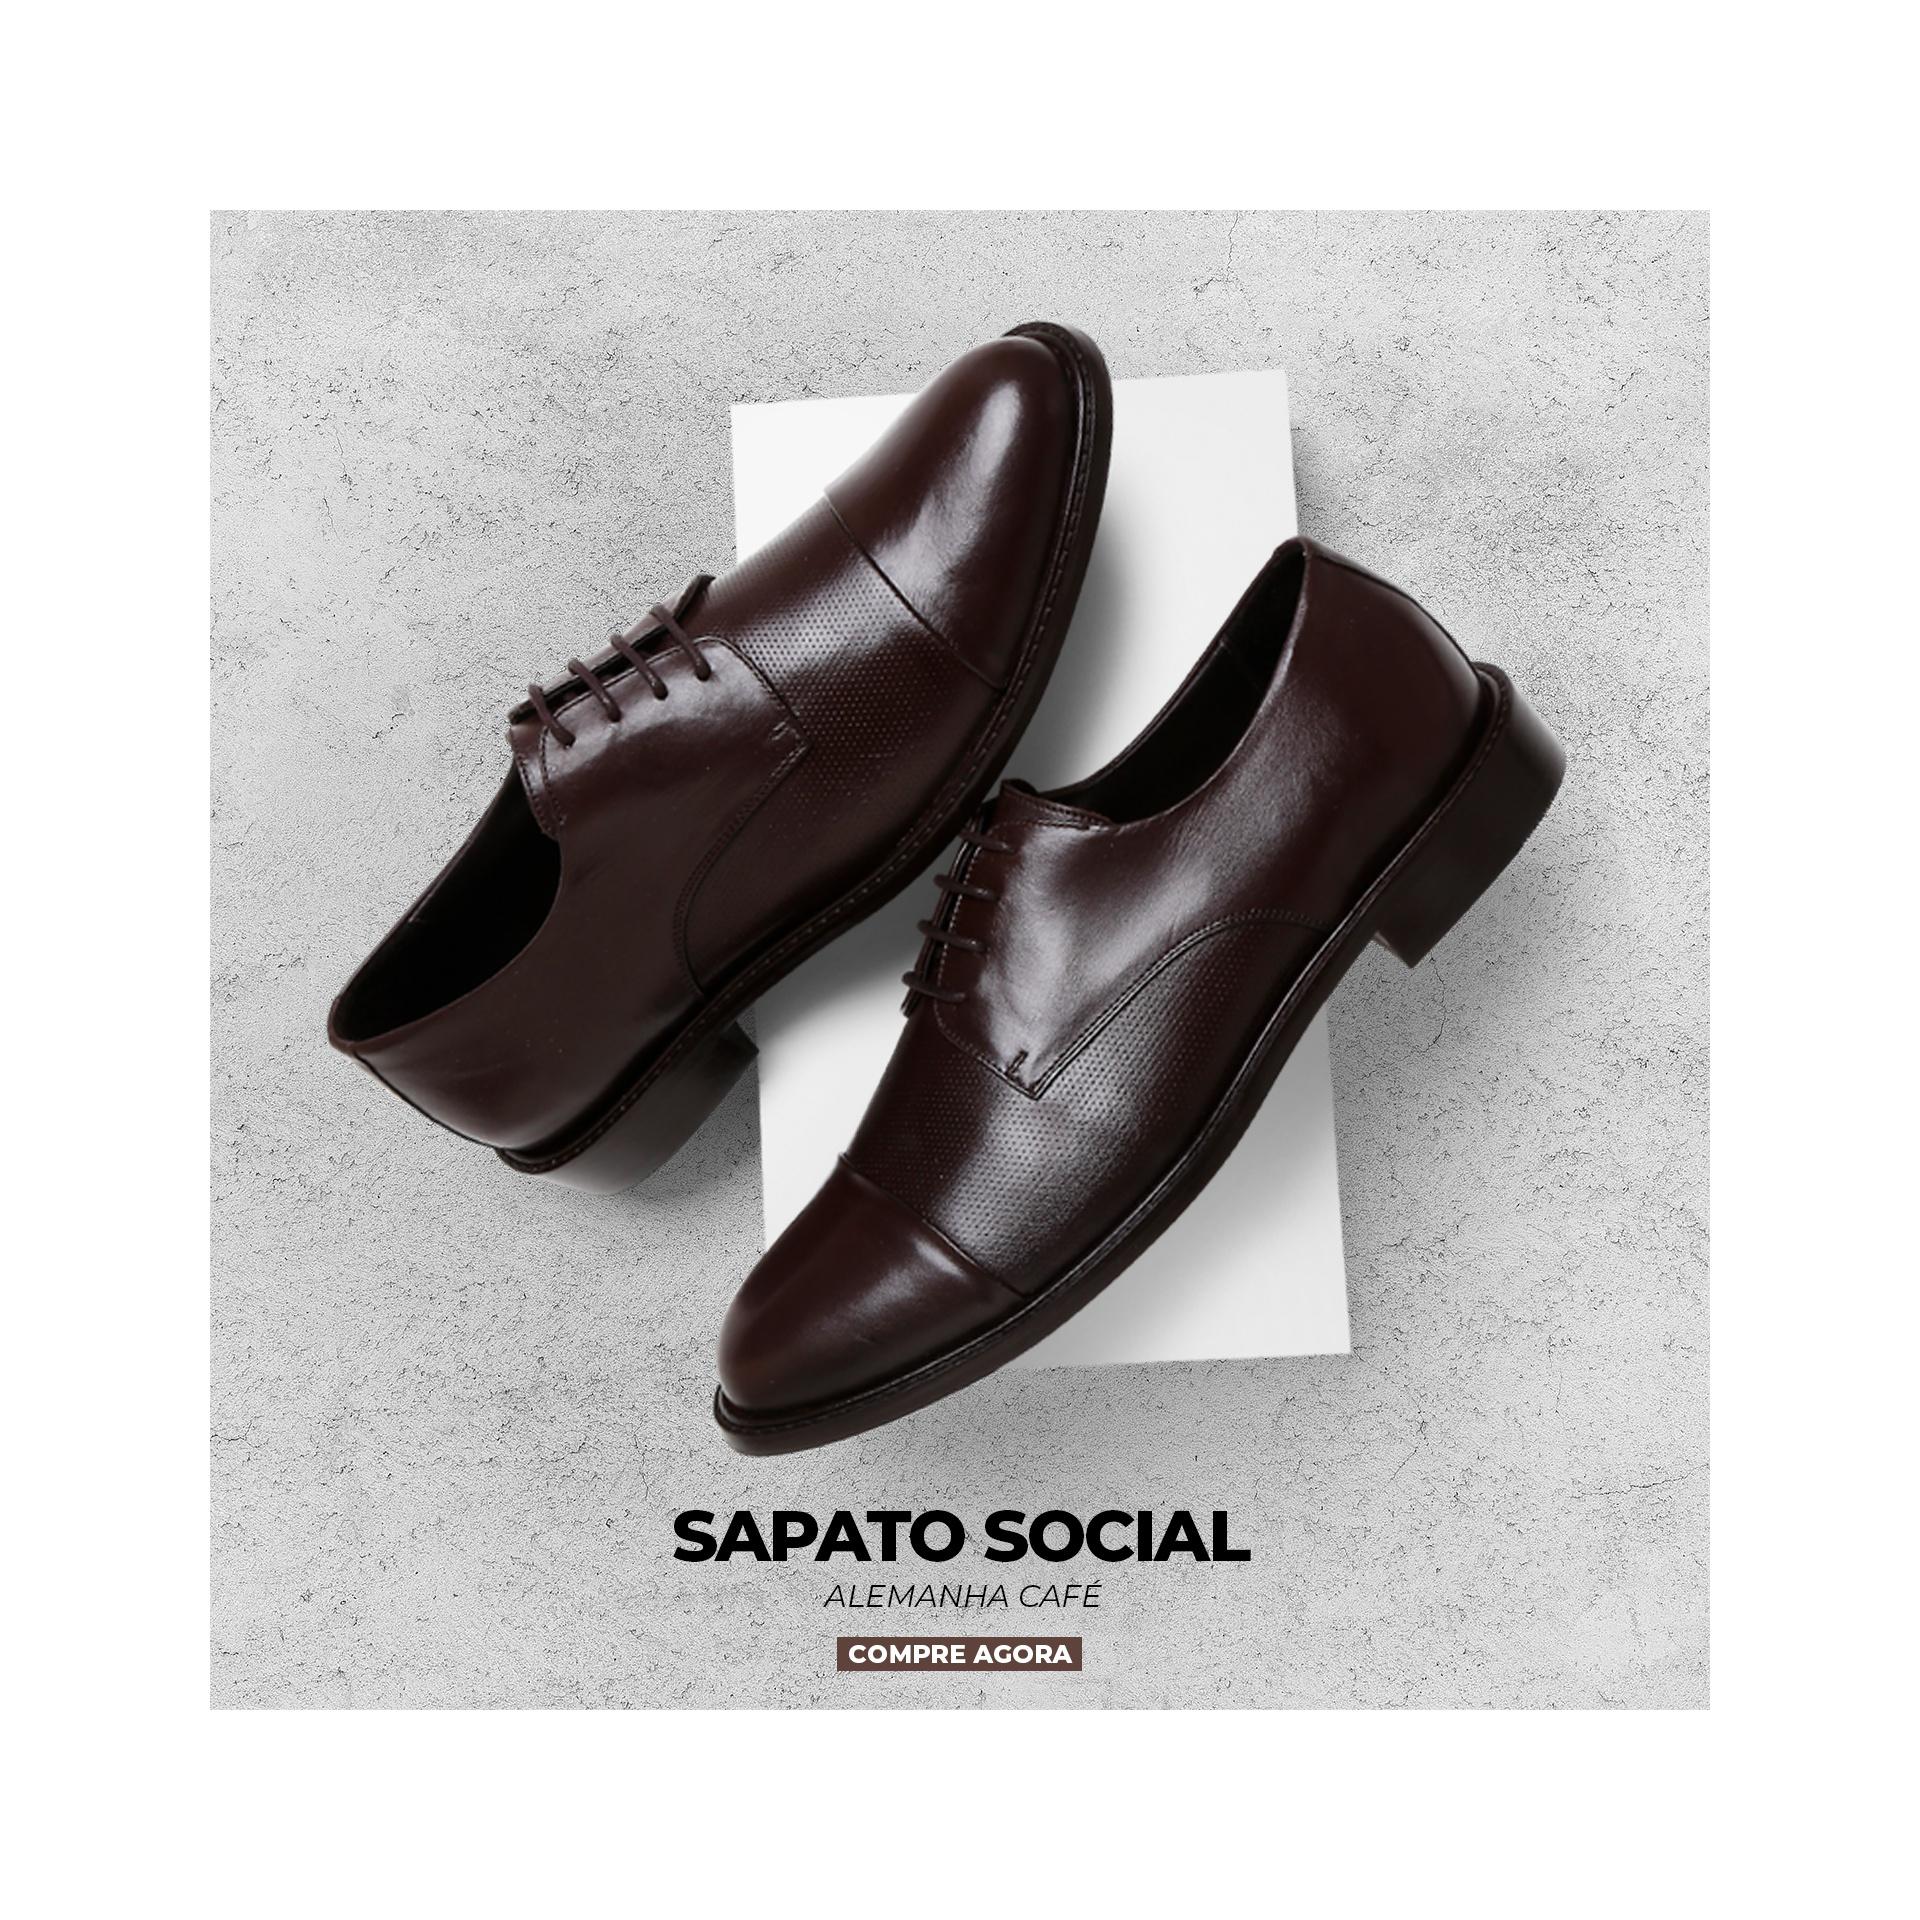 Sapato Social Bernatoni Alemanha Café